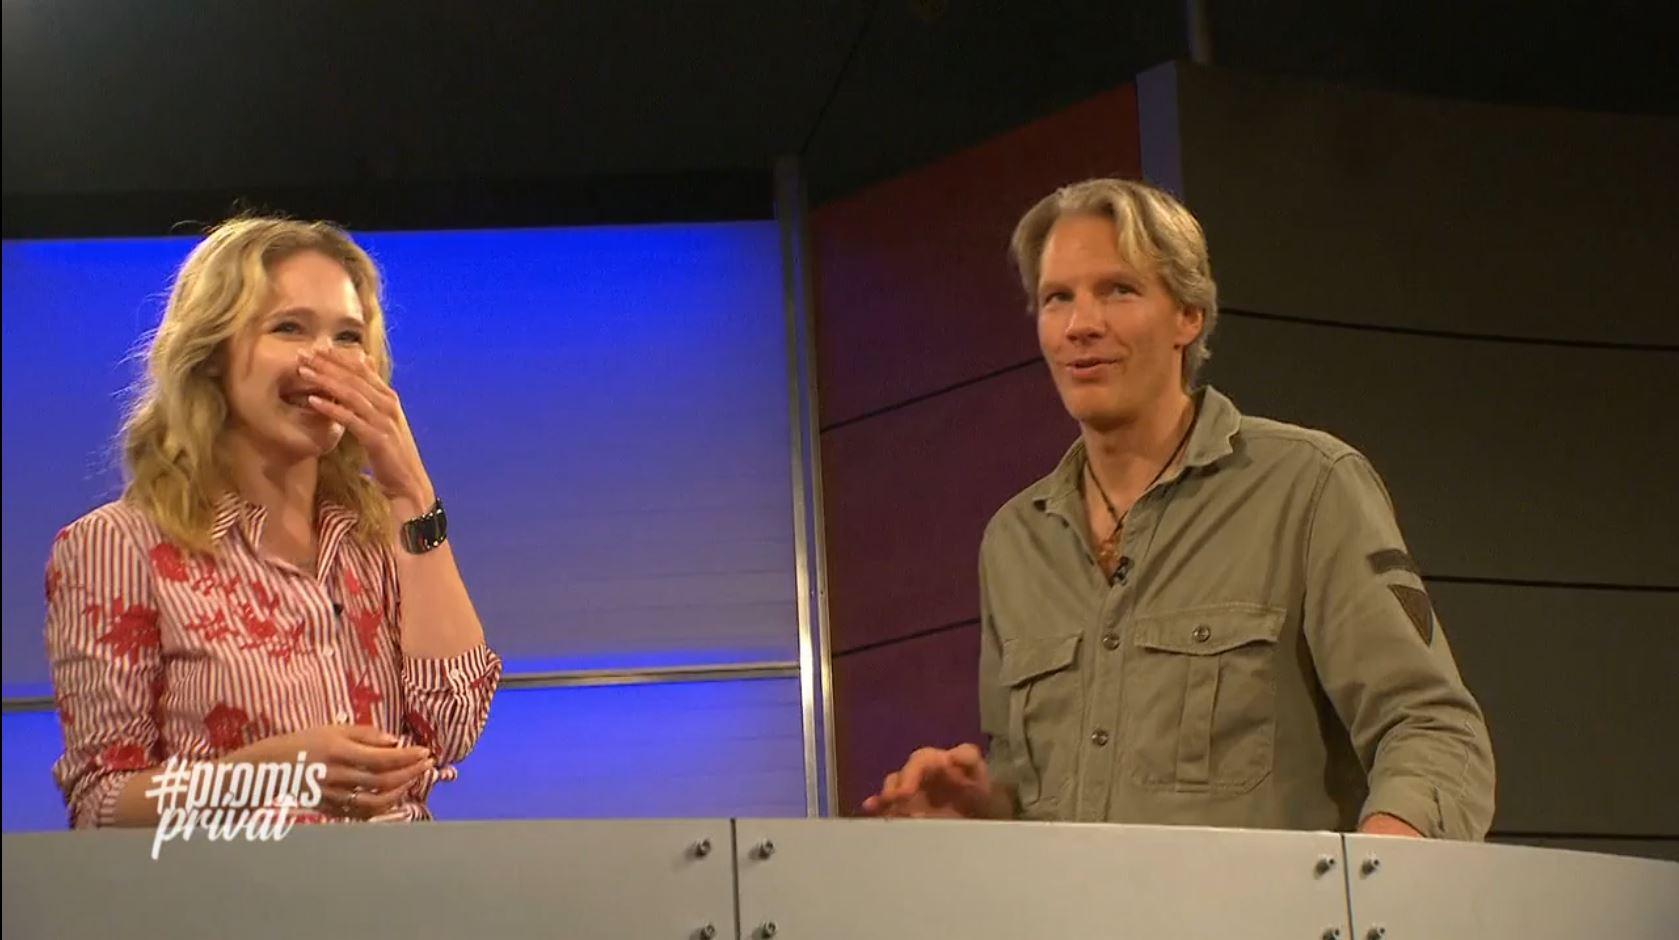 GNTM-Star Theresia Fischer und TV-Moderator und Auftrittscoach Sascha Oliver Martin im TV-Studio